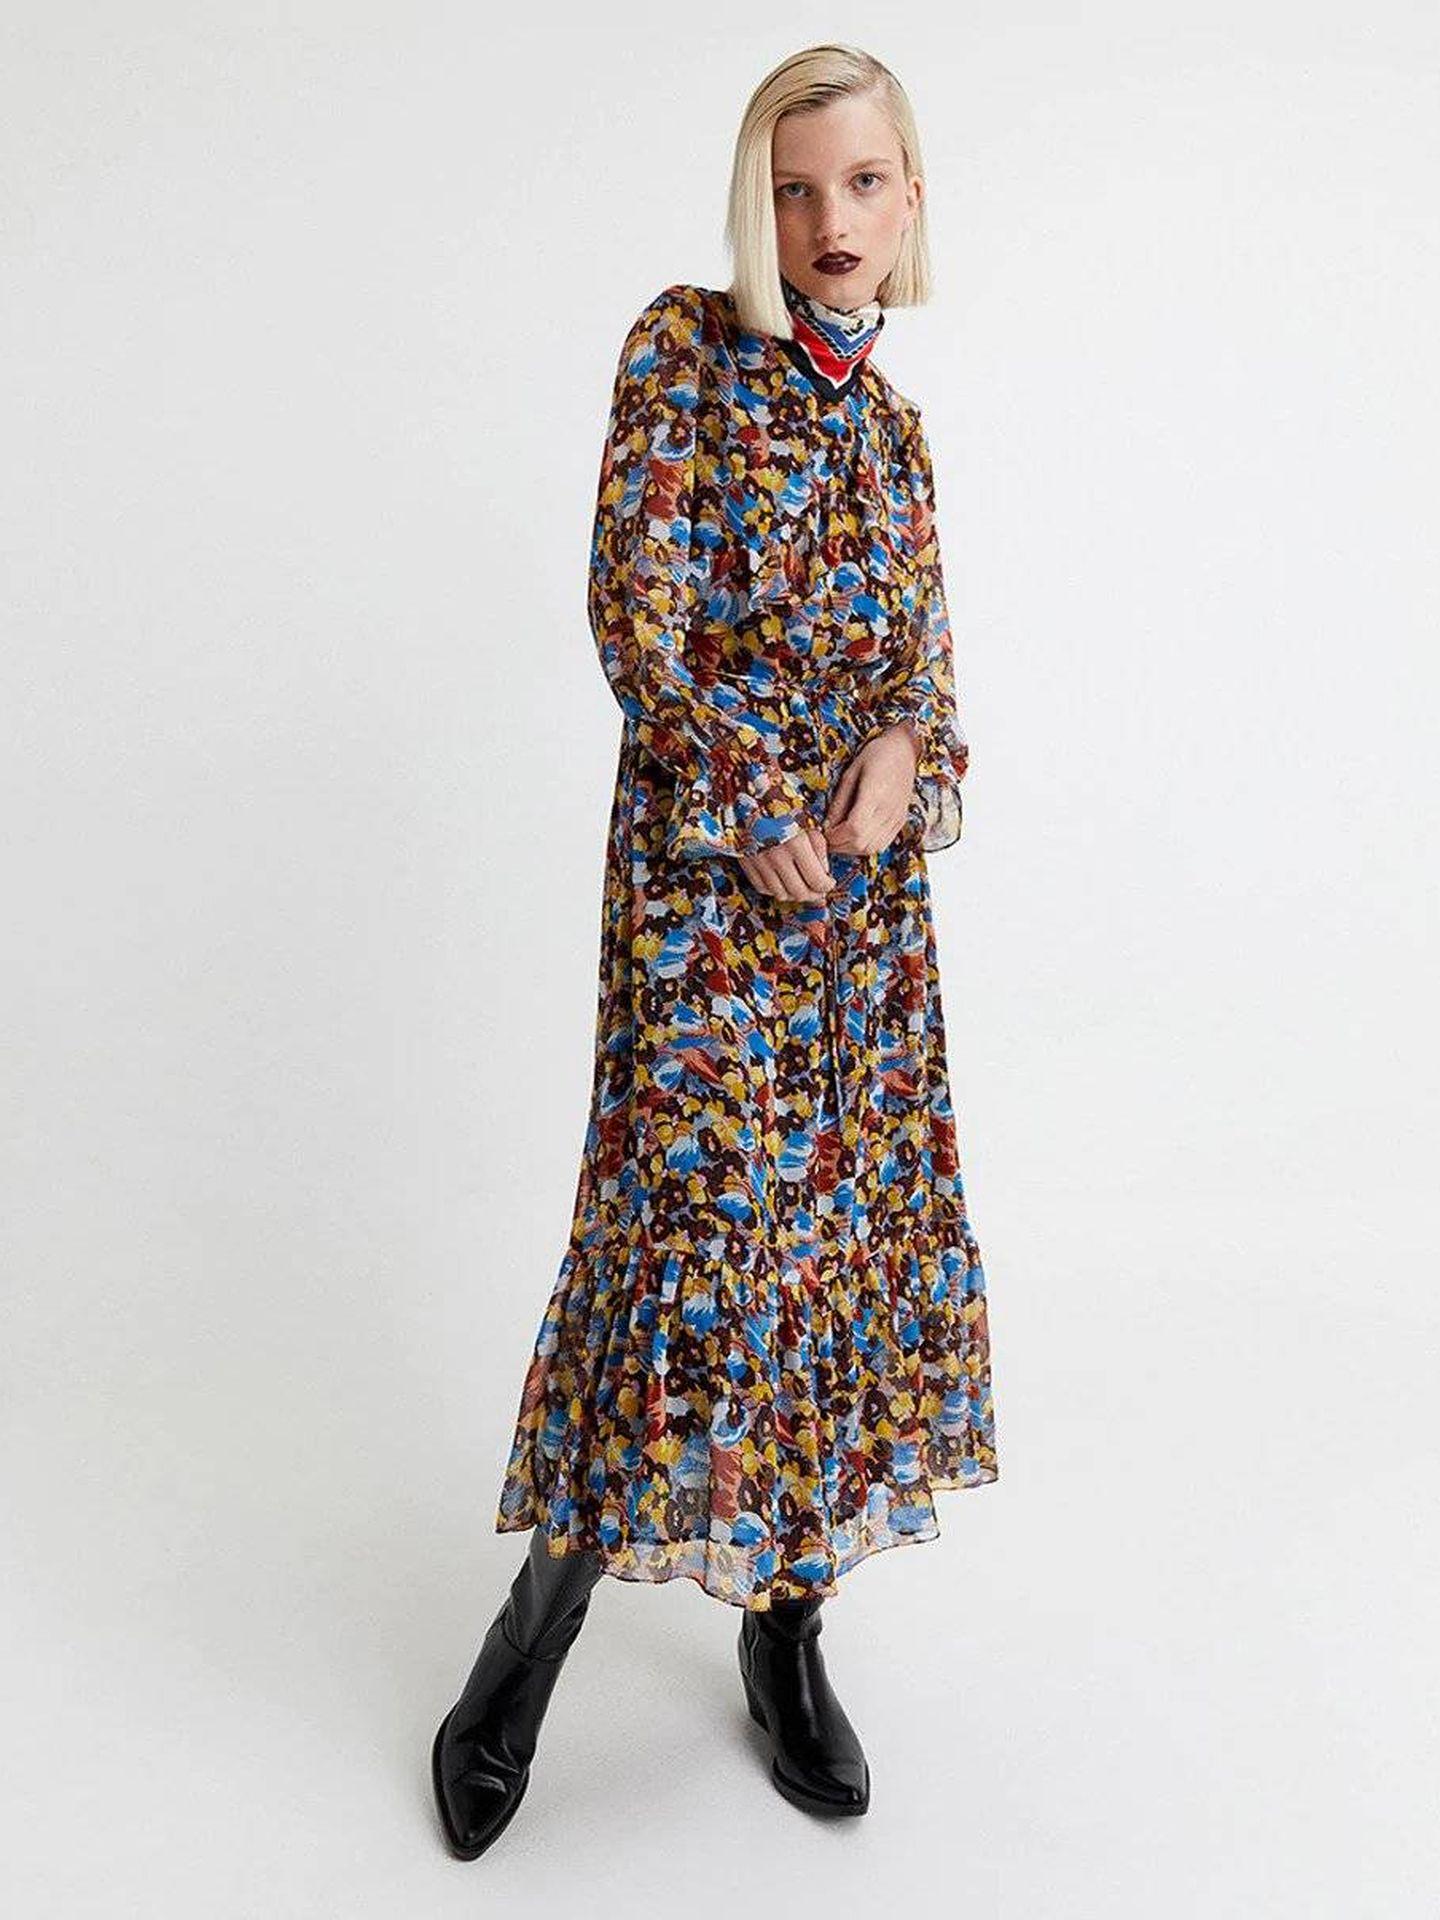 Vestido colorido de Sfera. (Cortesía)